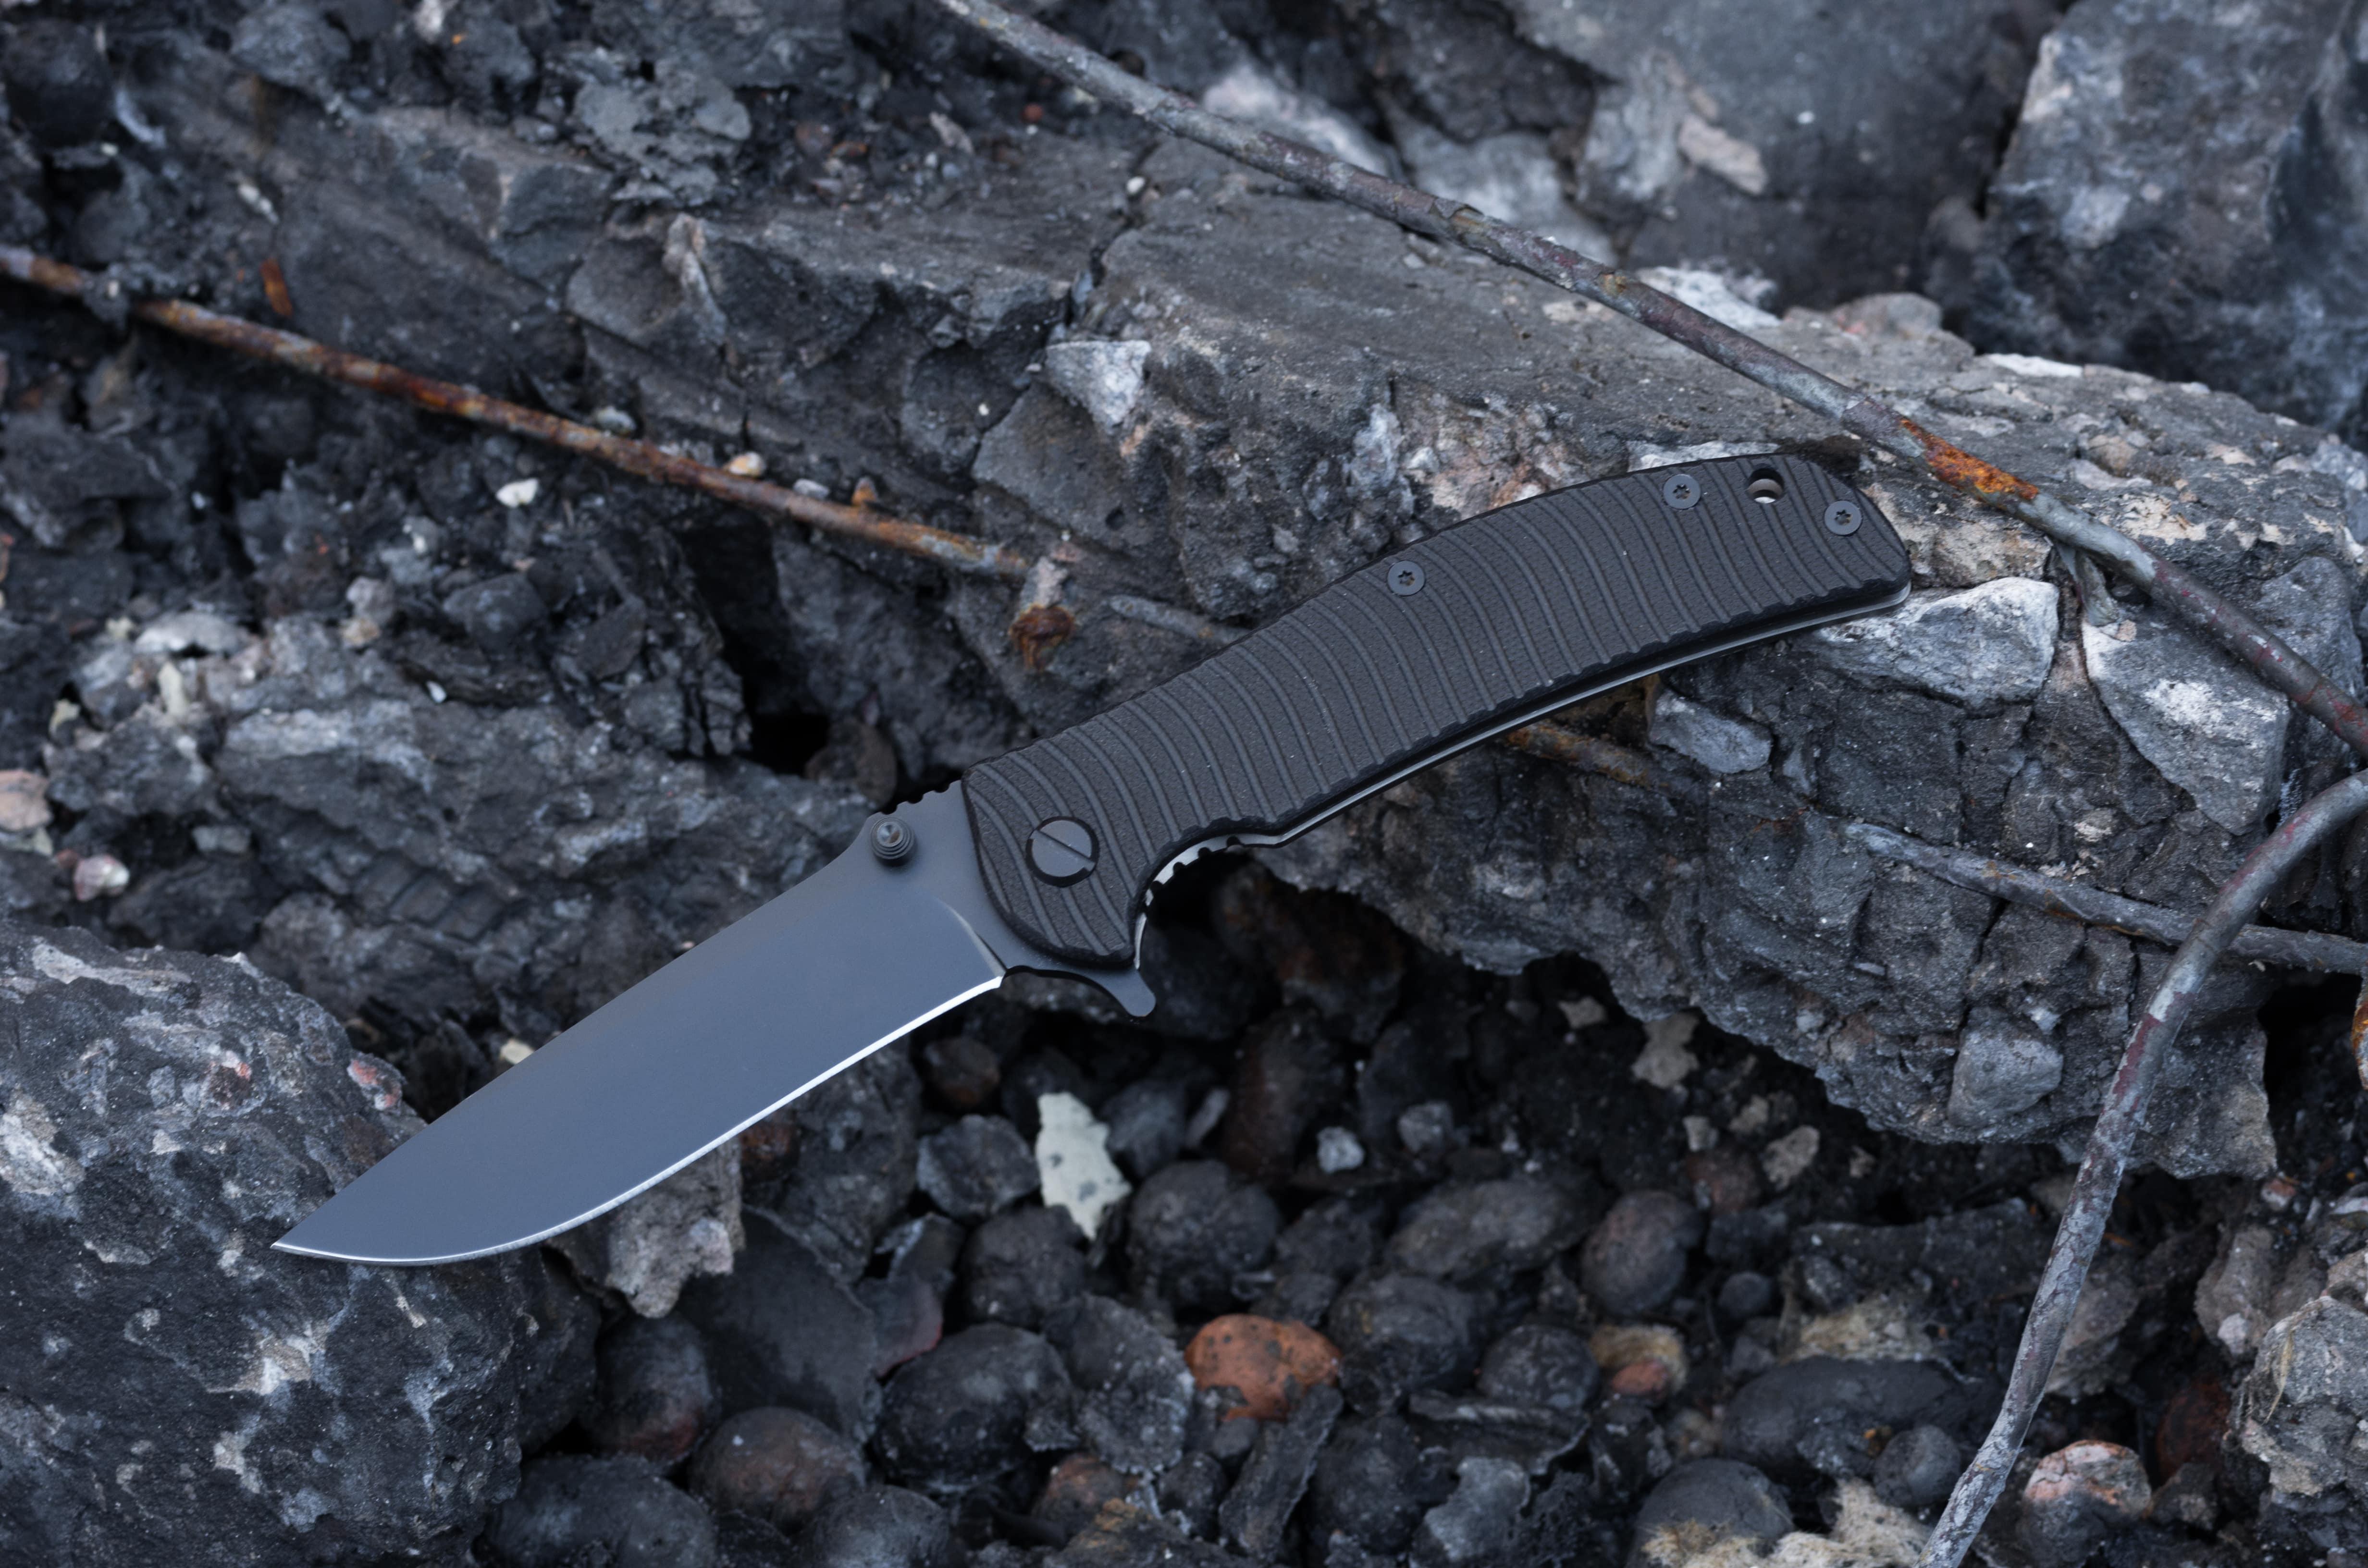 kershaw-spring-assisted-pocket-knife-min